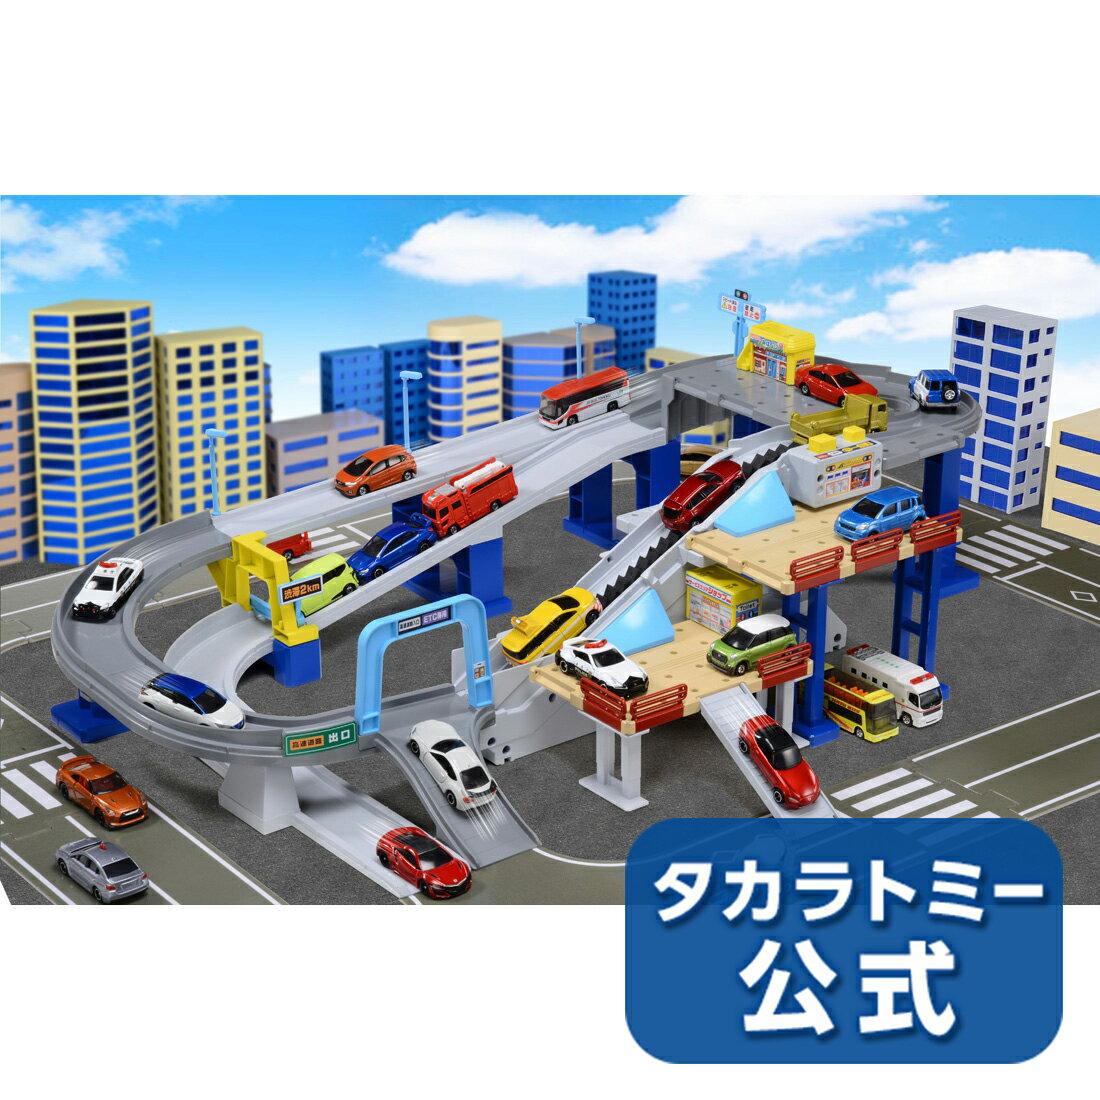 2スピードでコントロール!トミカアクション高速どうろ【takaratomy12】【endsale_18】